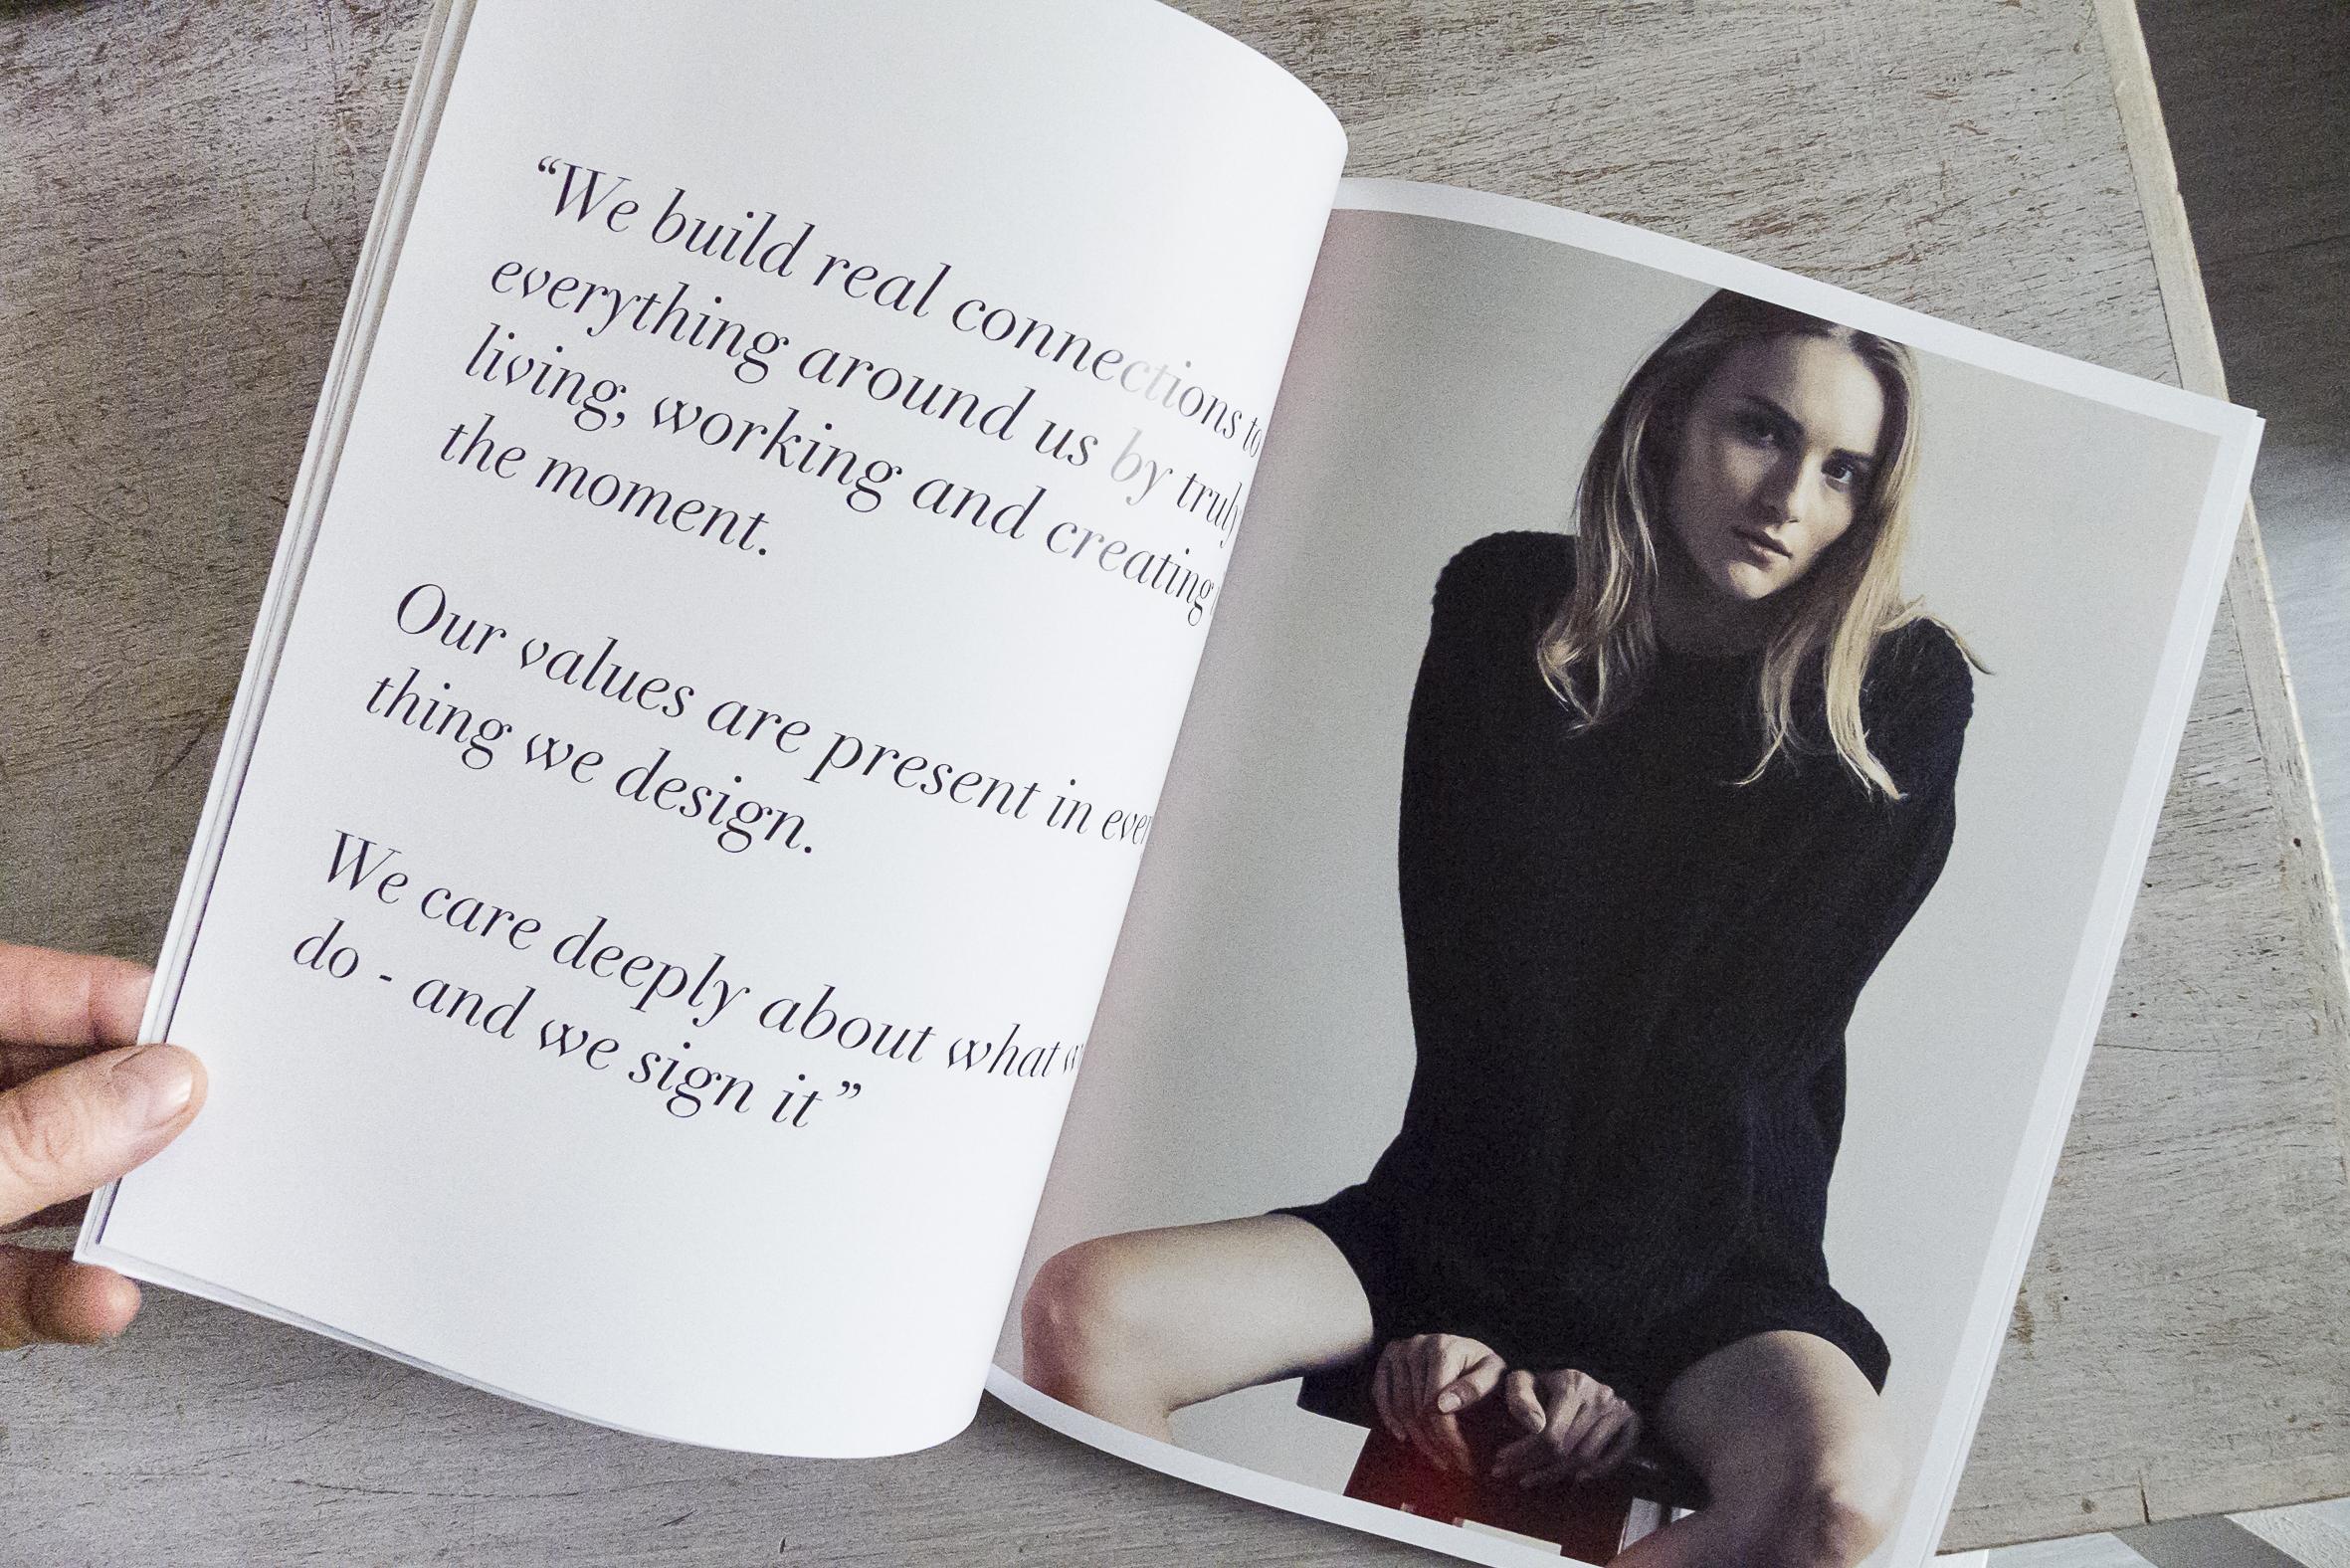 Fashion model Michaela Bodenmiller for Stephan Boya